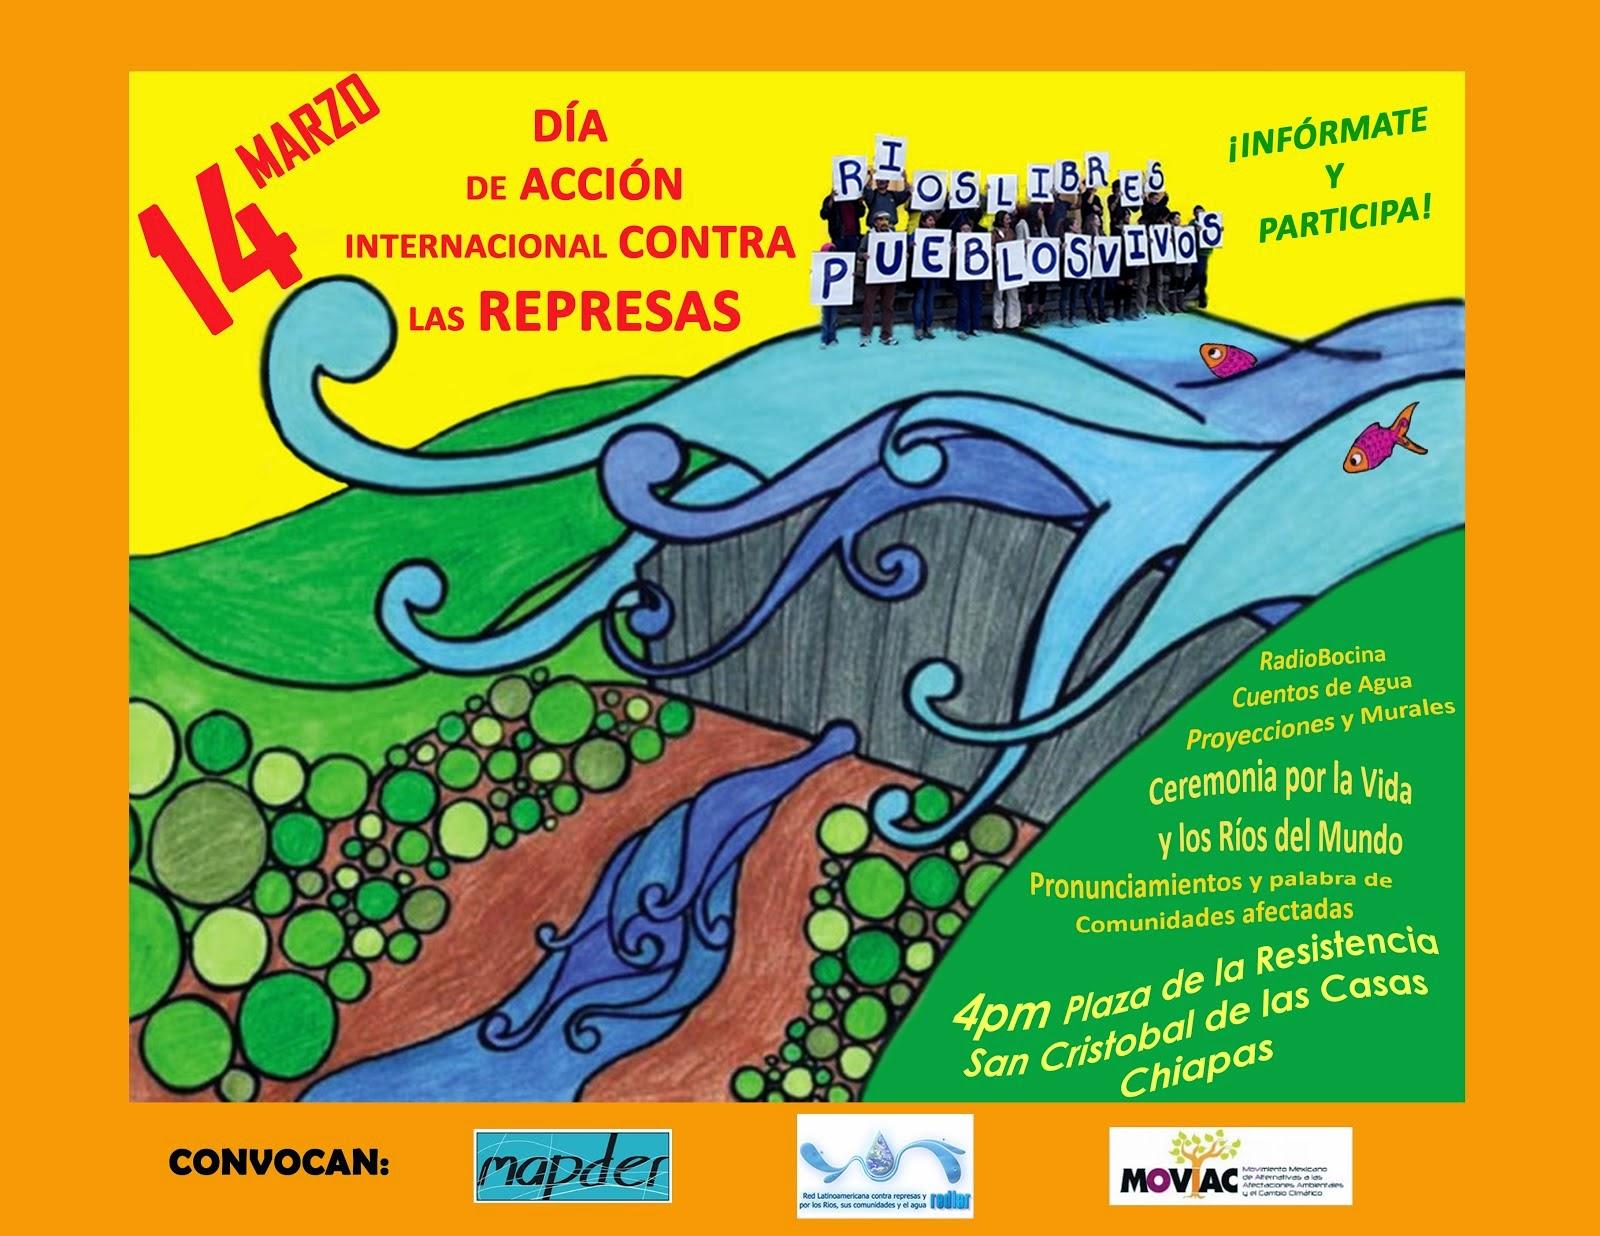 Actividades 14 de Marzo Día Internacional de Acción Contra Represas a Favor de Pueblos  Rios y Vida